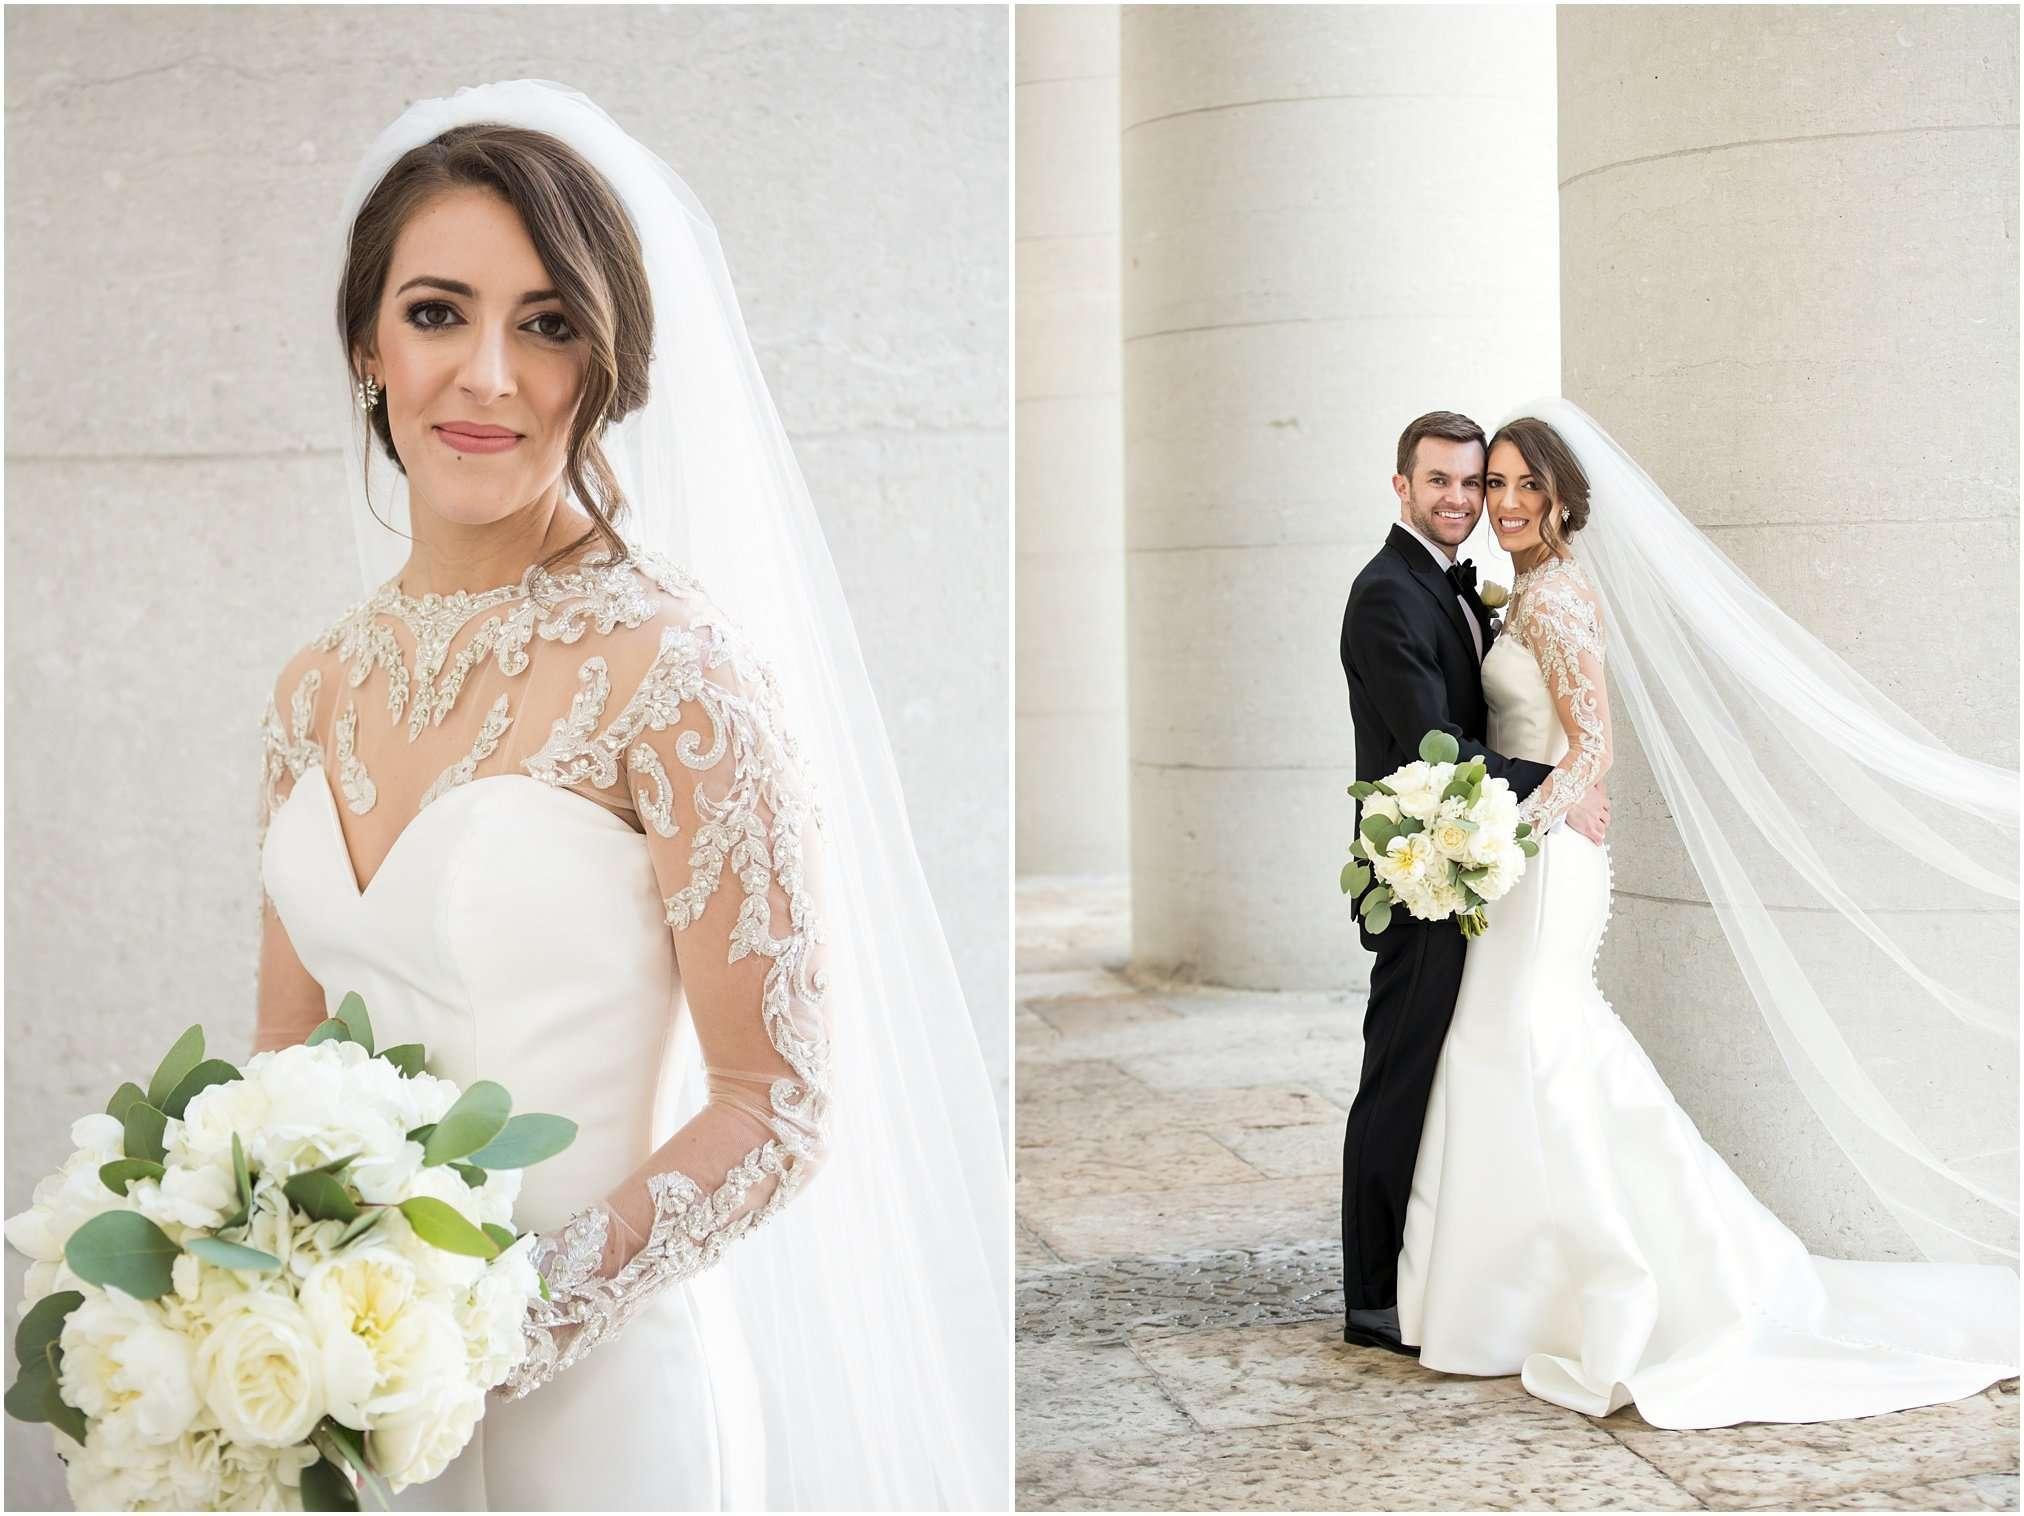 Spring Wedding at the Ohio Statehouse | Columbus Ohio Photography 60